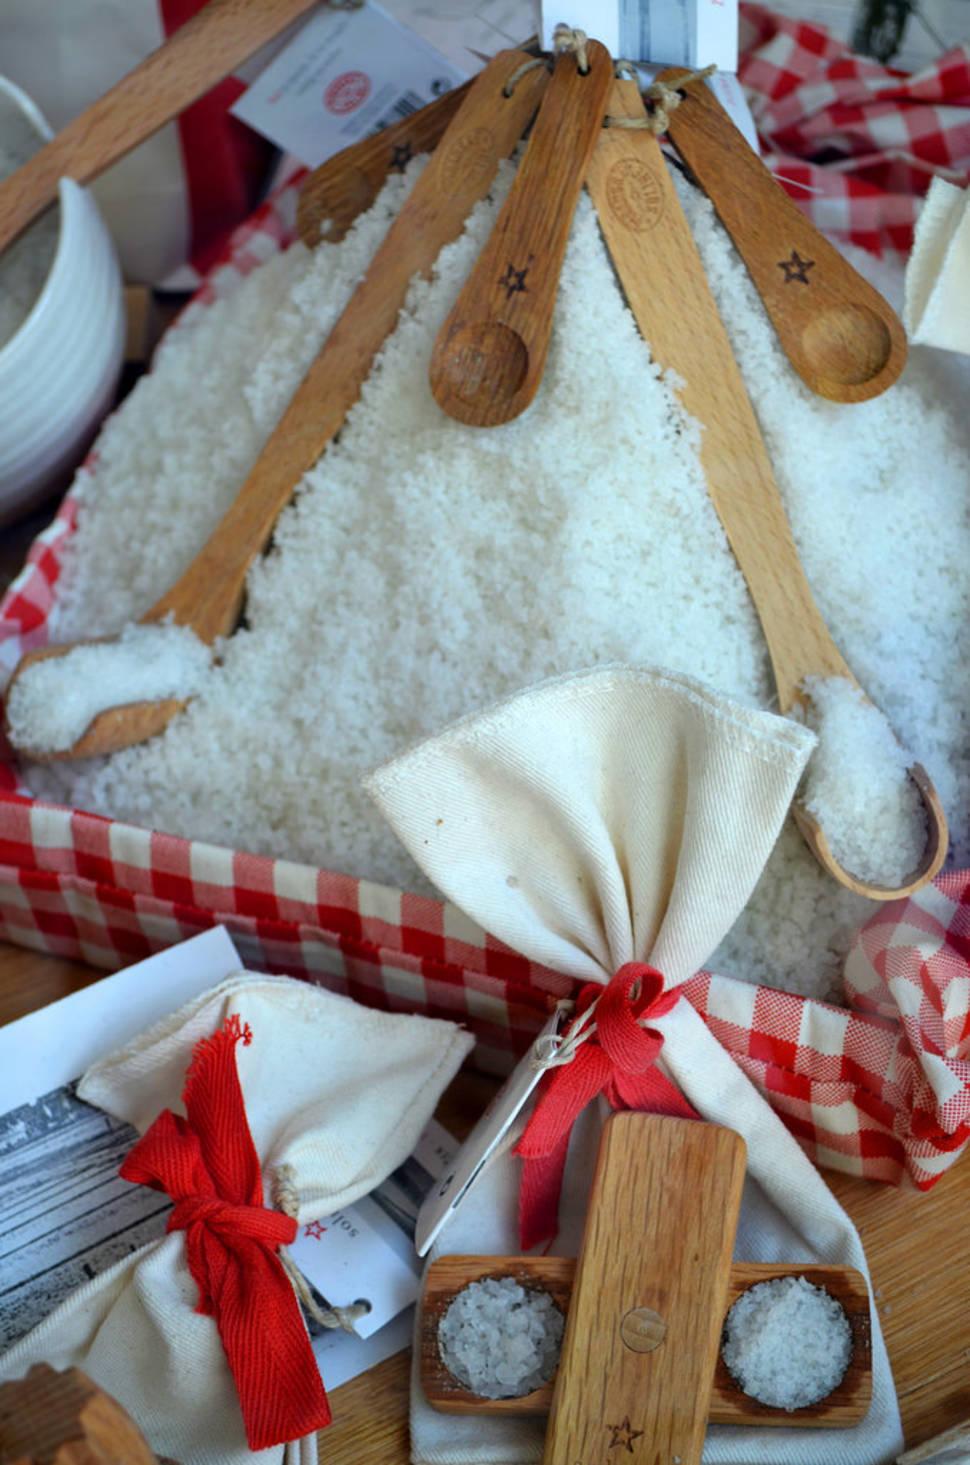 Best time for Salt Harvest in Slovenia